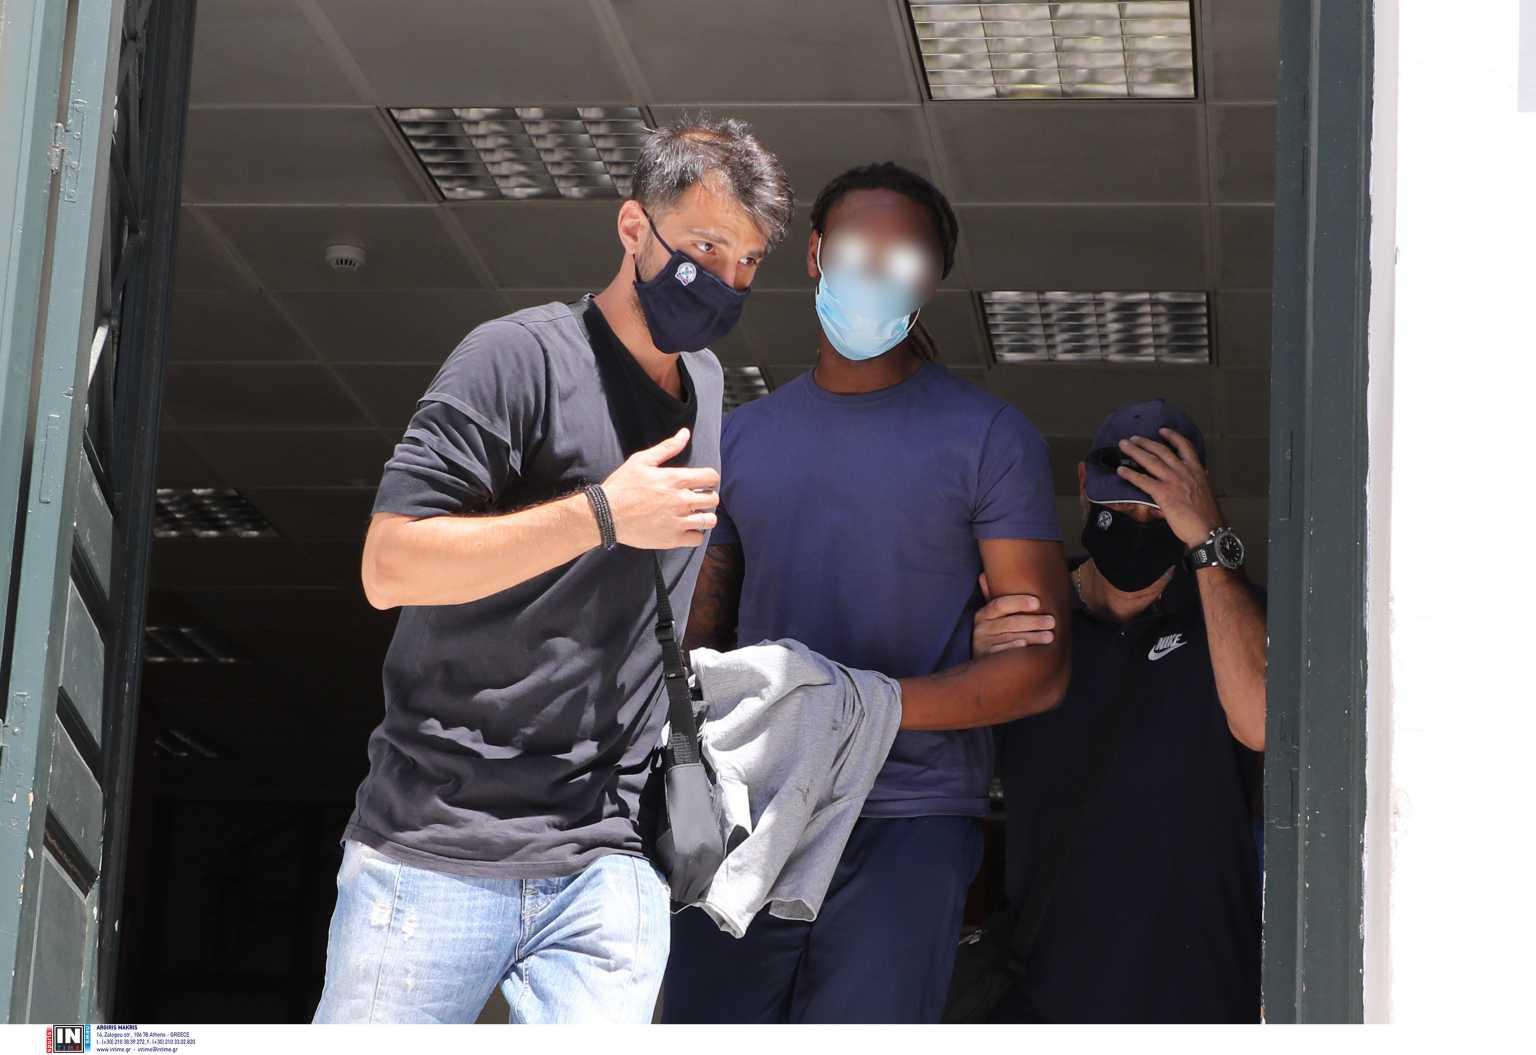 Δικηγόρος Σεμέδο: «Η ιατροδικαστική εξέταση δεν δείχνει ίχνος κακοποίησης»